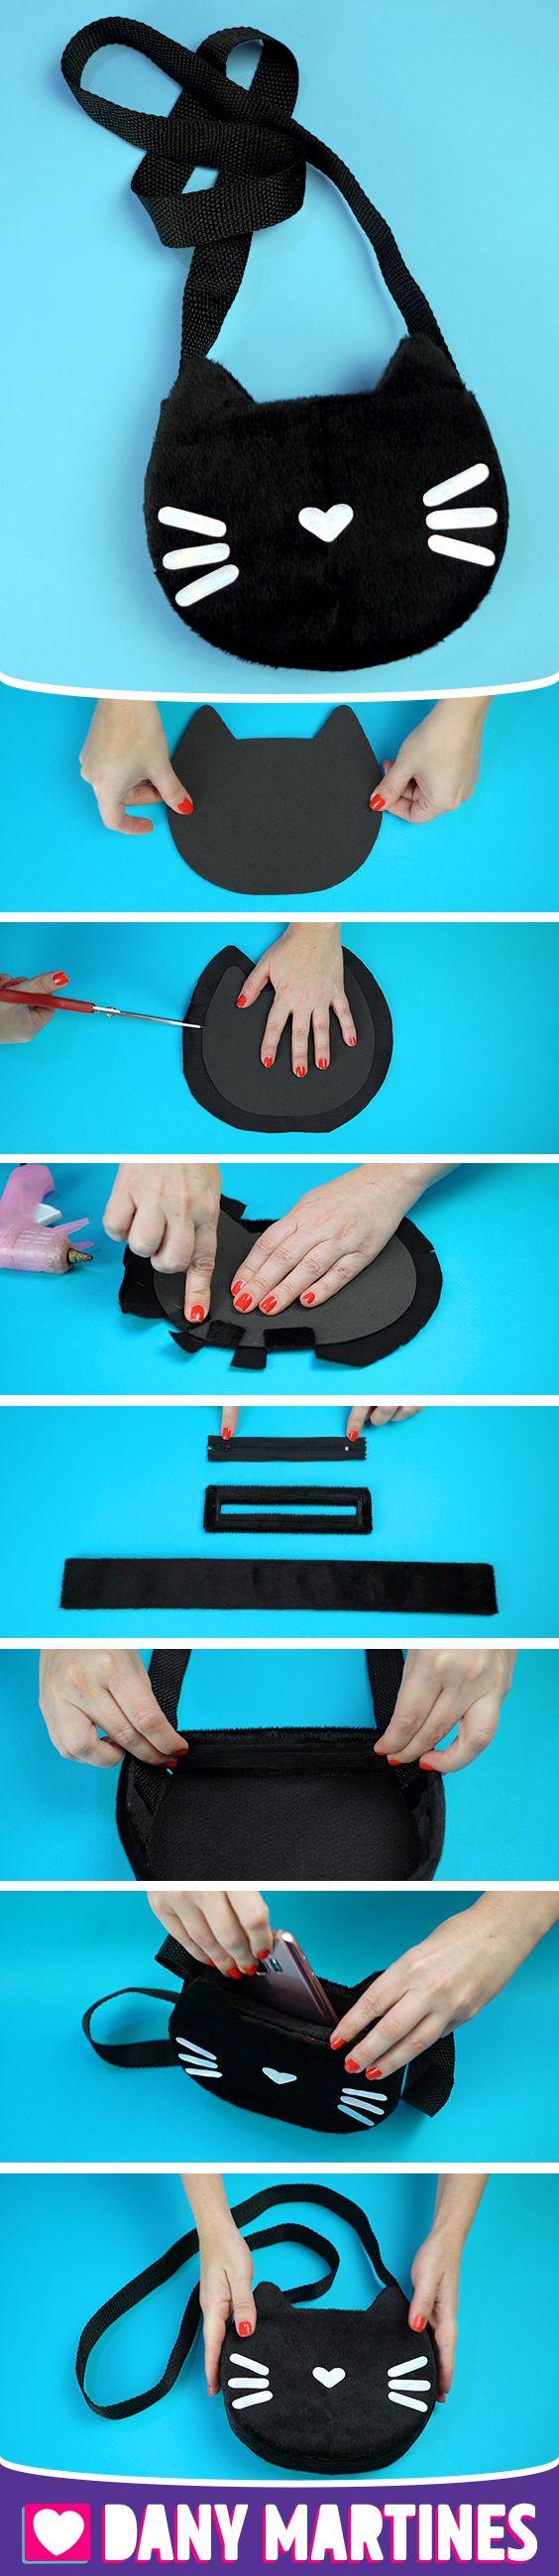 Faça você mesmo uma Bolsa de gatinho simples, fácil de fazer, gastando pouco, E.V.A, Cola quente, Feltro, DIY, Do It Yourself, Dany Martines